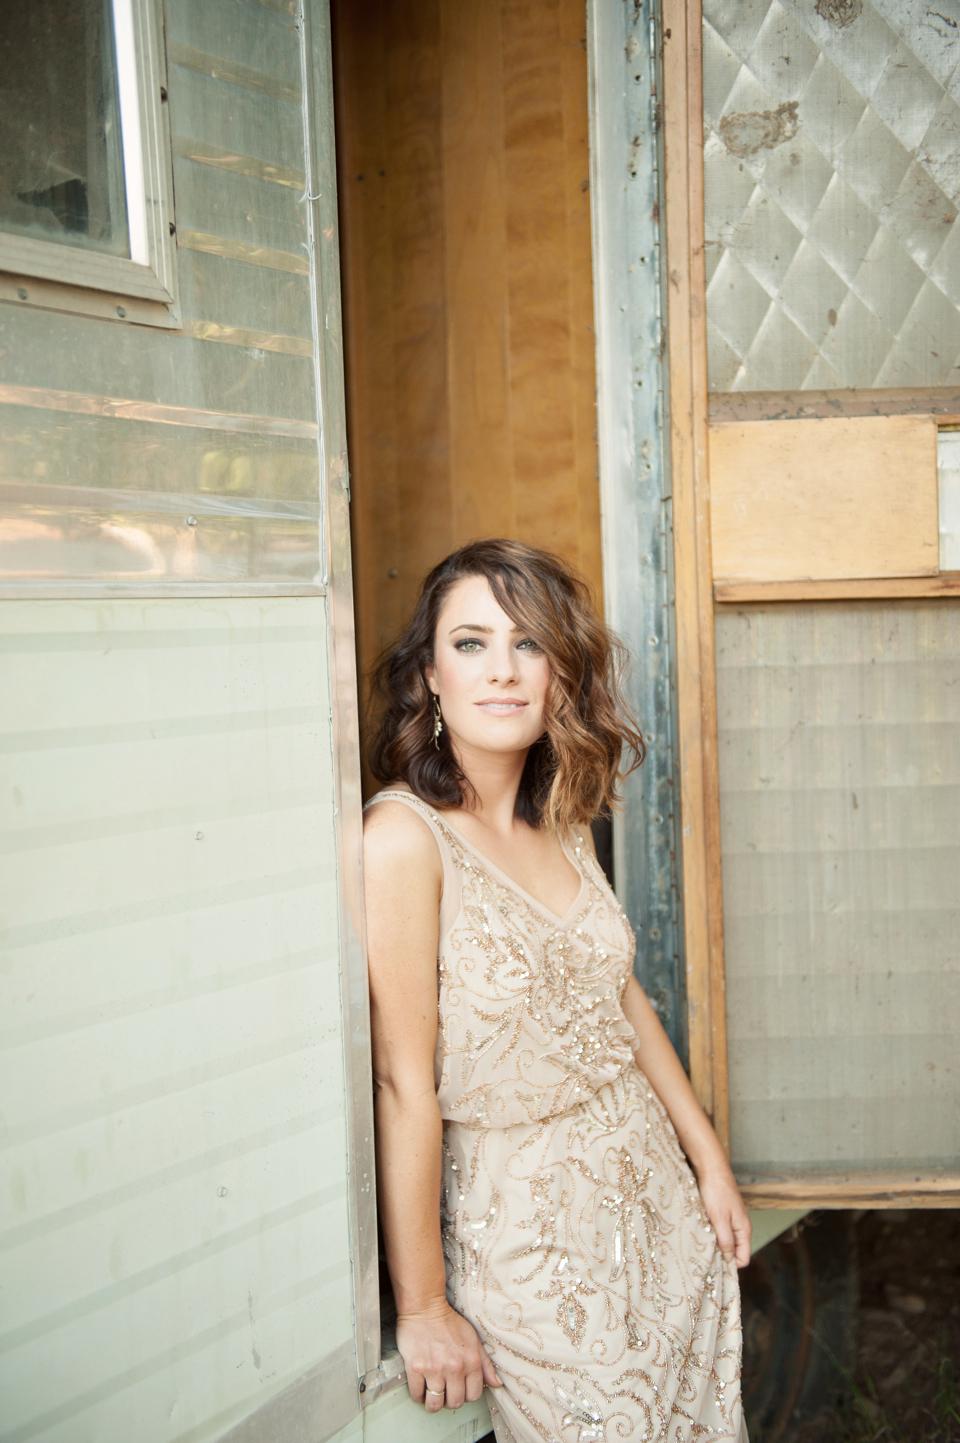 citnb-bhldn-bridesmaid-dresses-nude-04